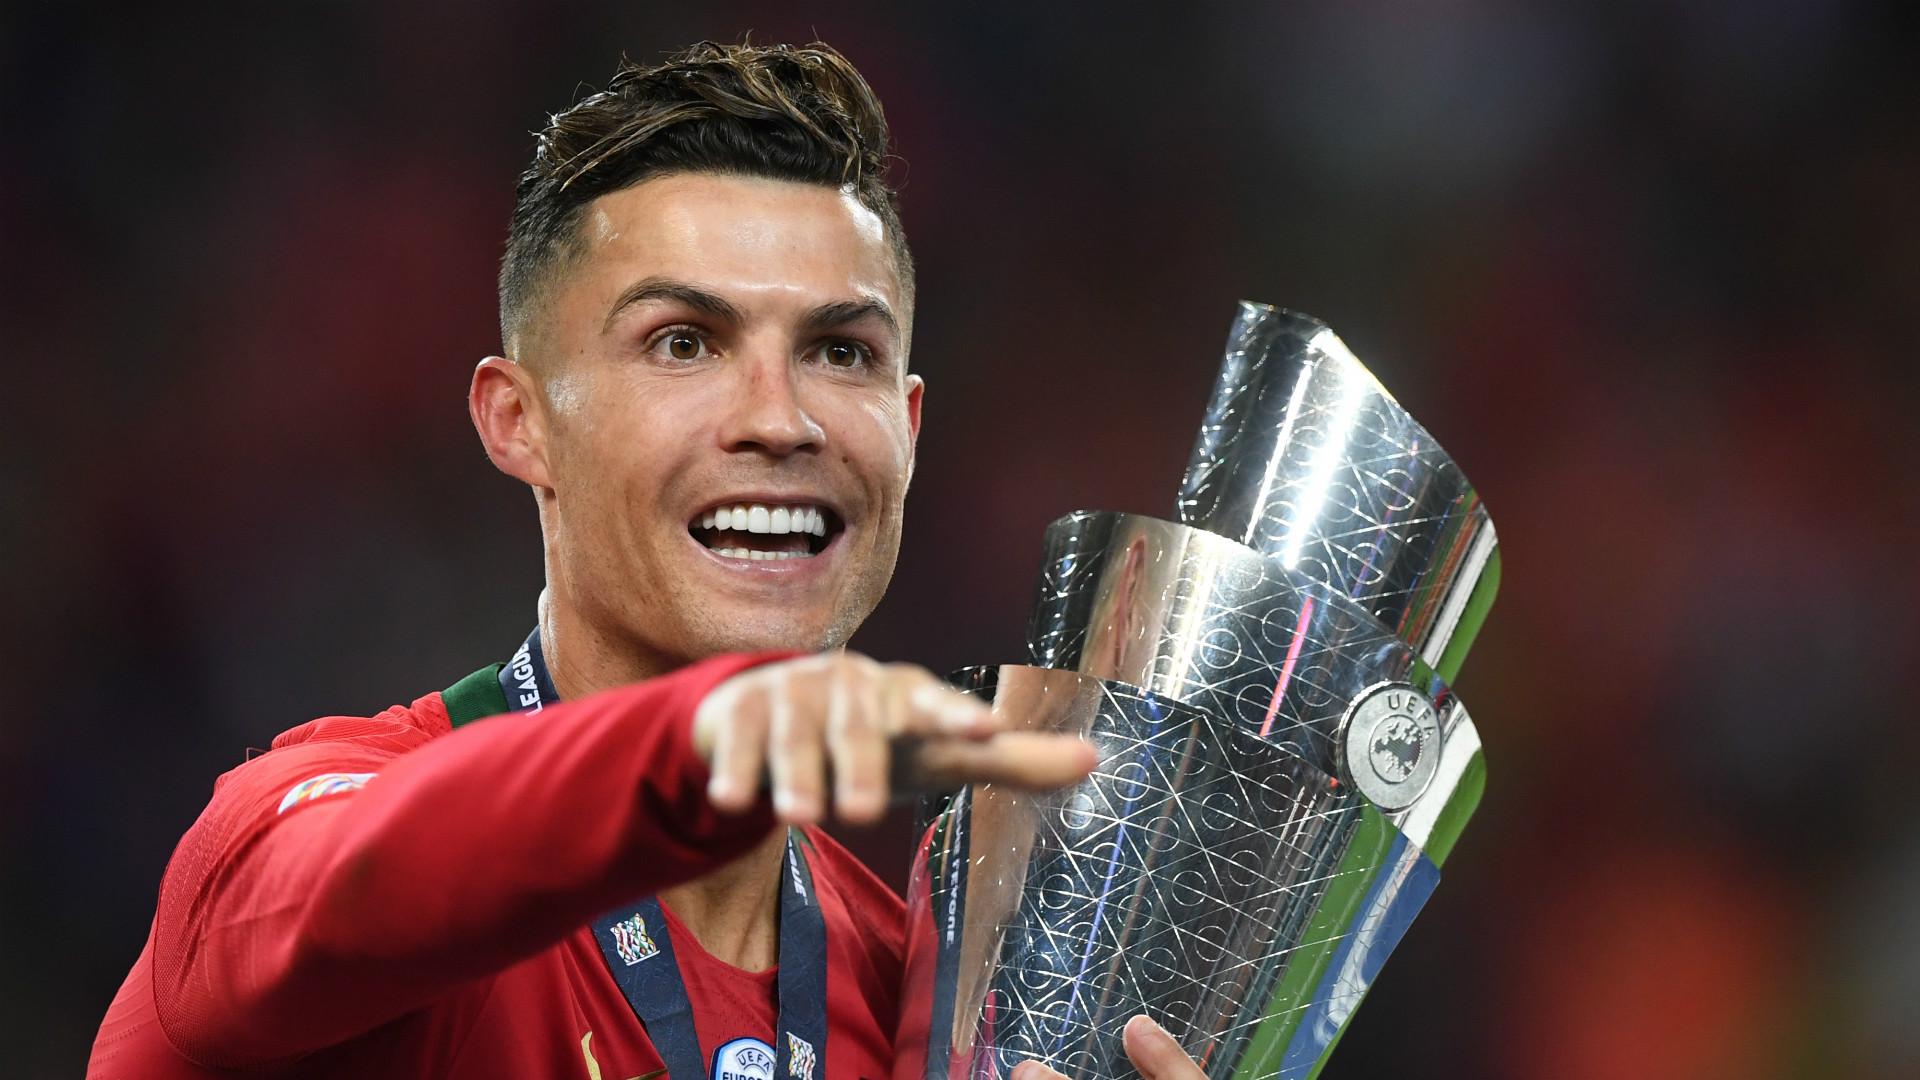 پرتغال-هلند-لیگ ملت های اروپا-قهرمانی پرتغال-کاریکاتور-عمر مومنی